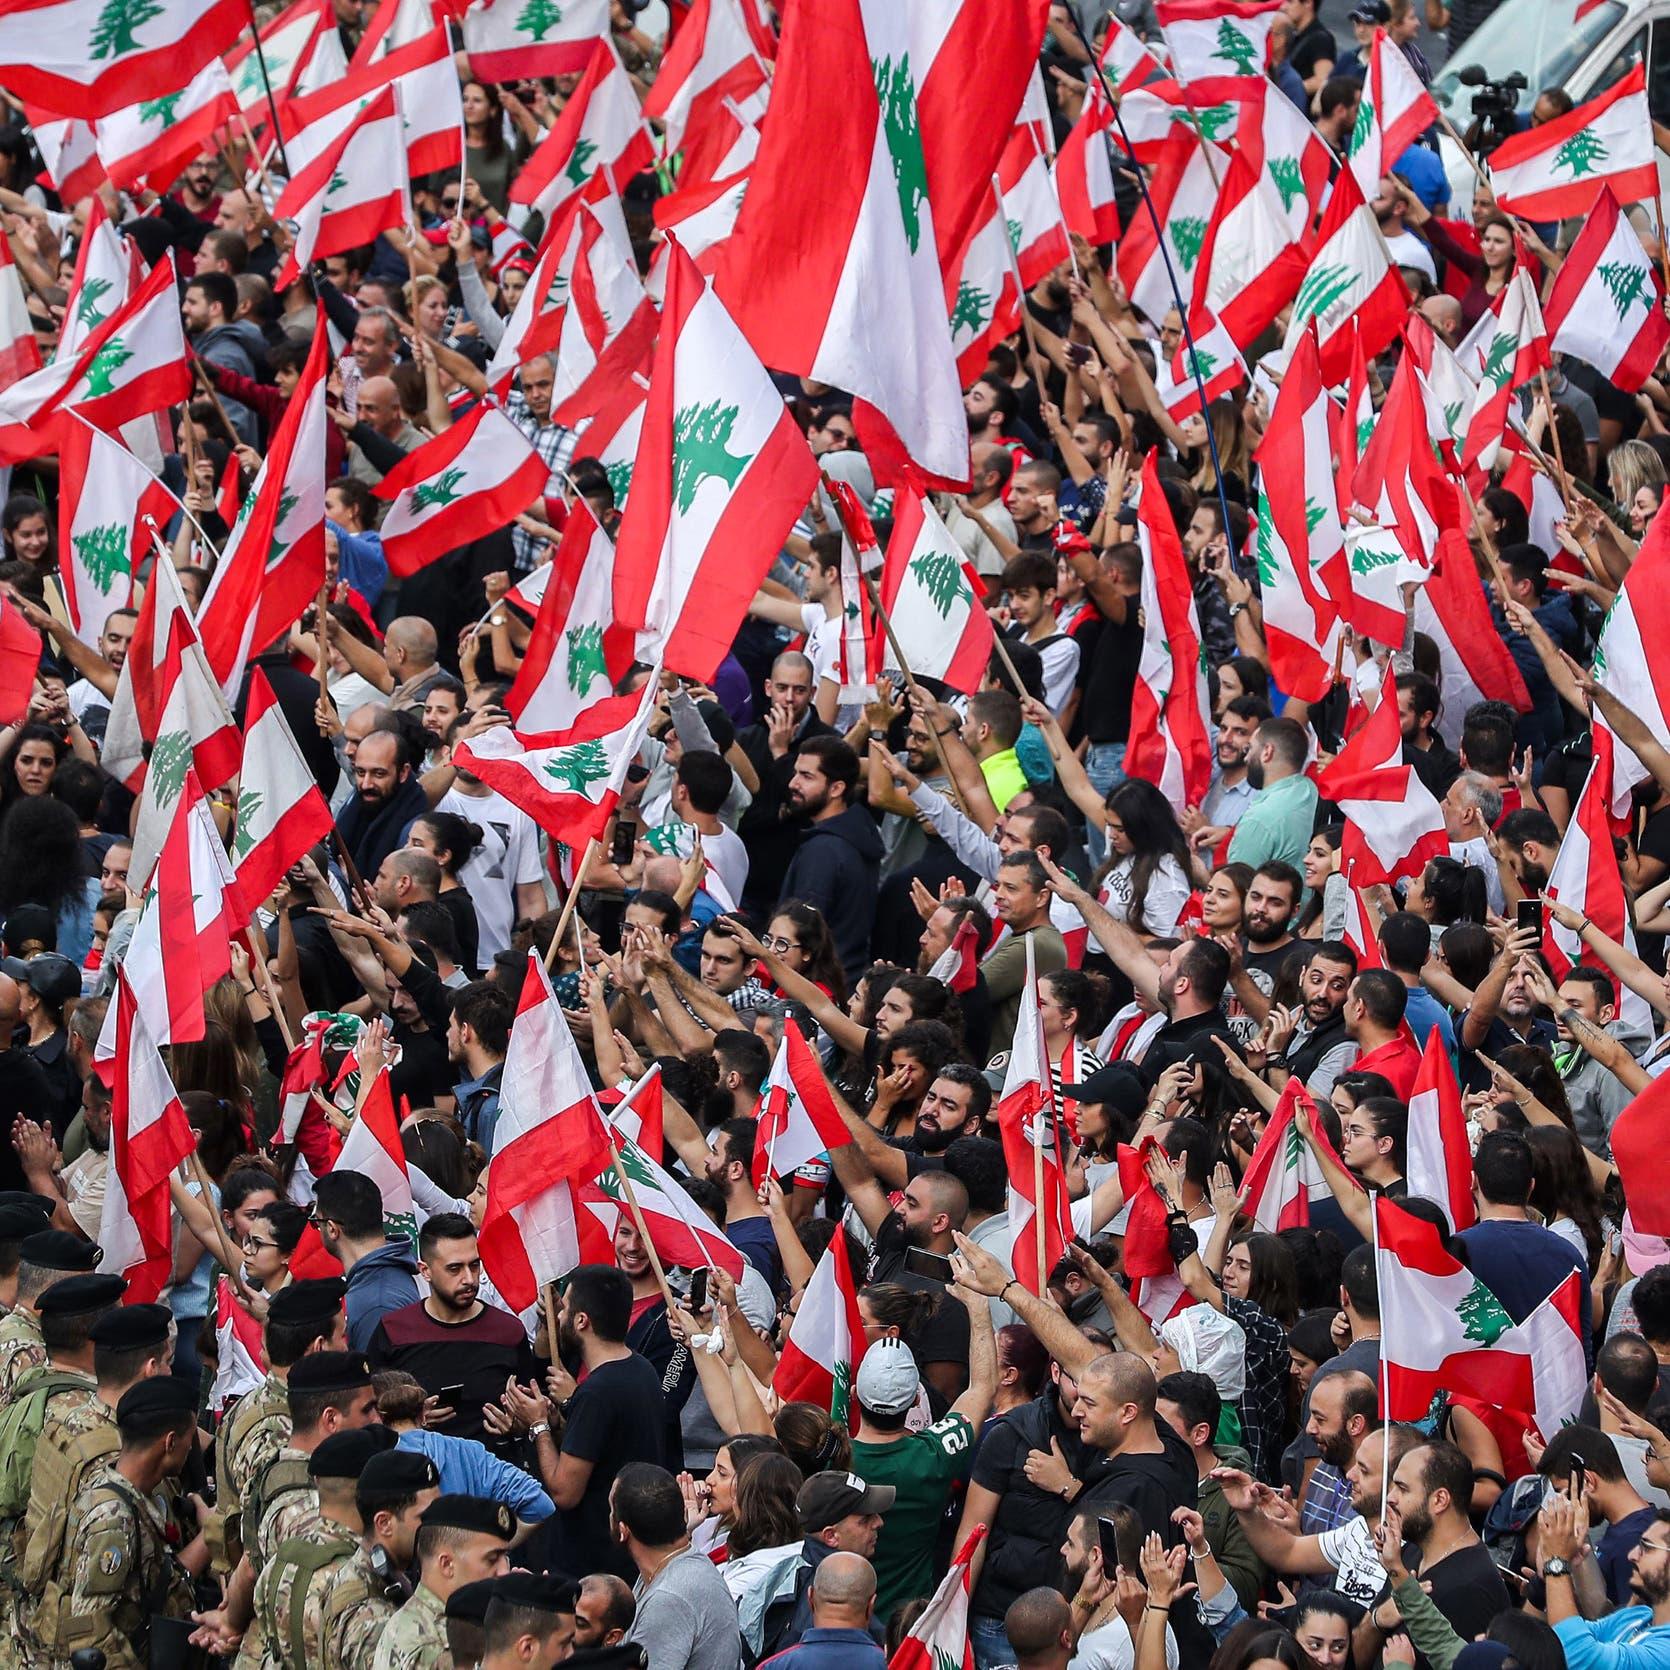 كيف ينظر الفنانون العرب إلى الحراك في لبنان؟